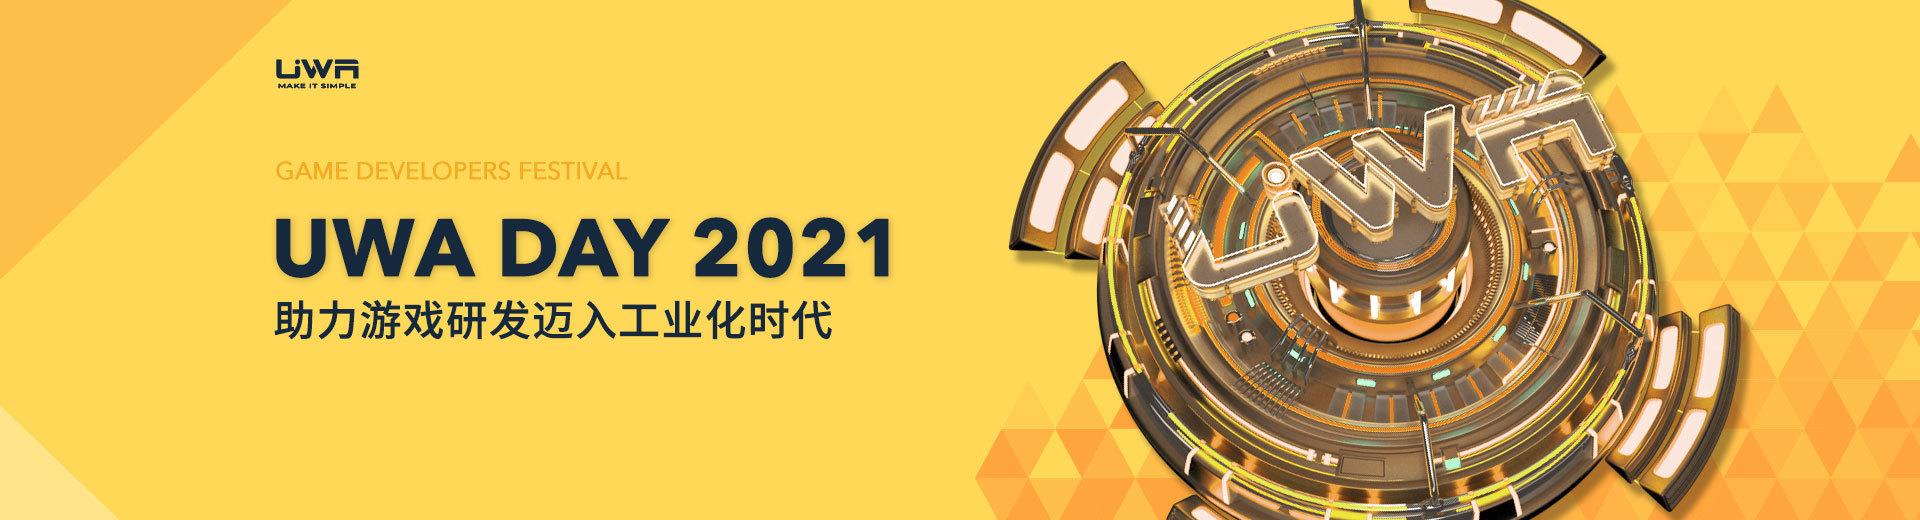 UWA  DAY 2021